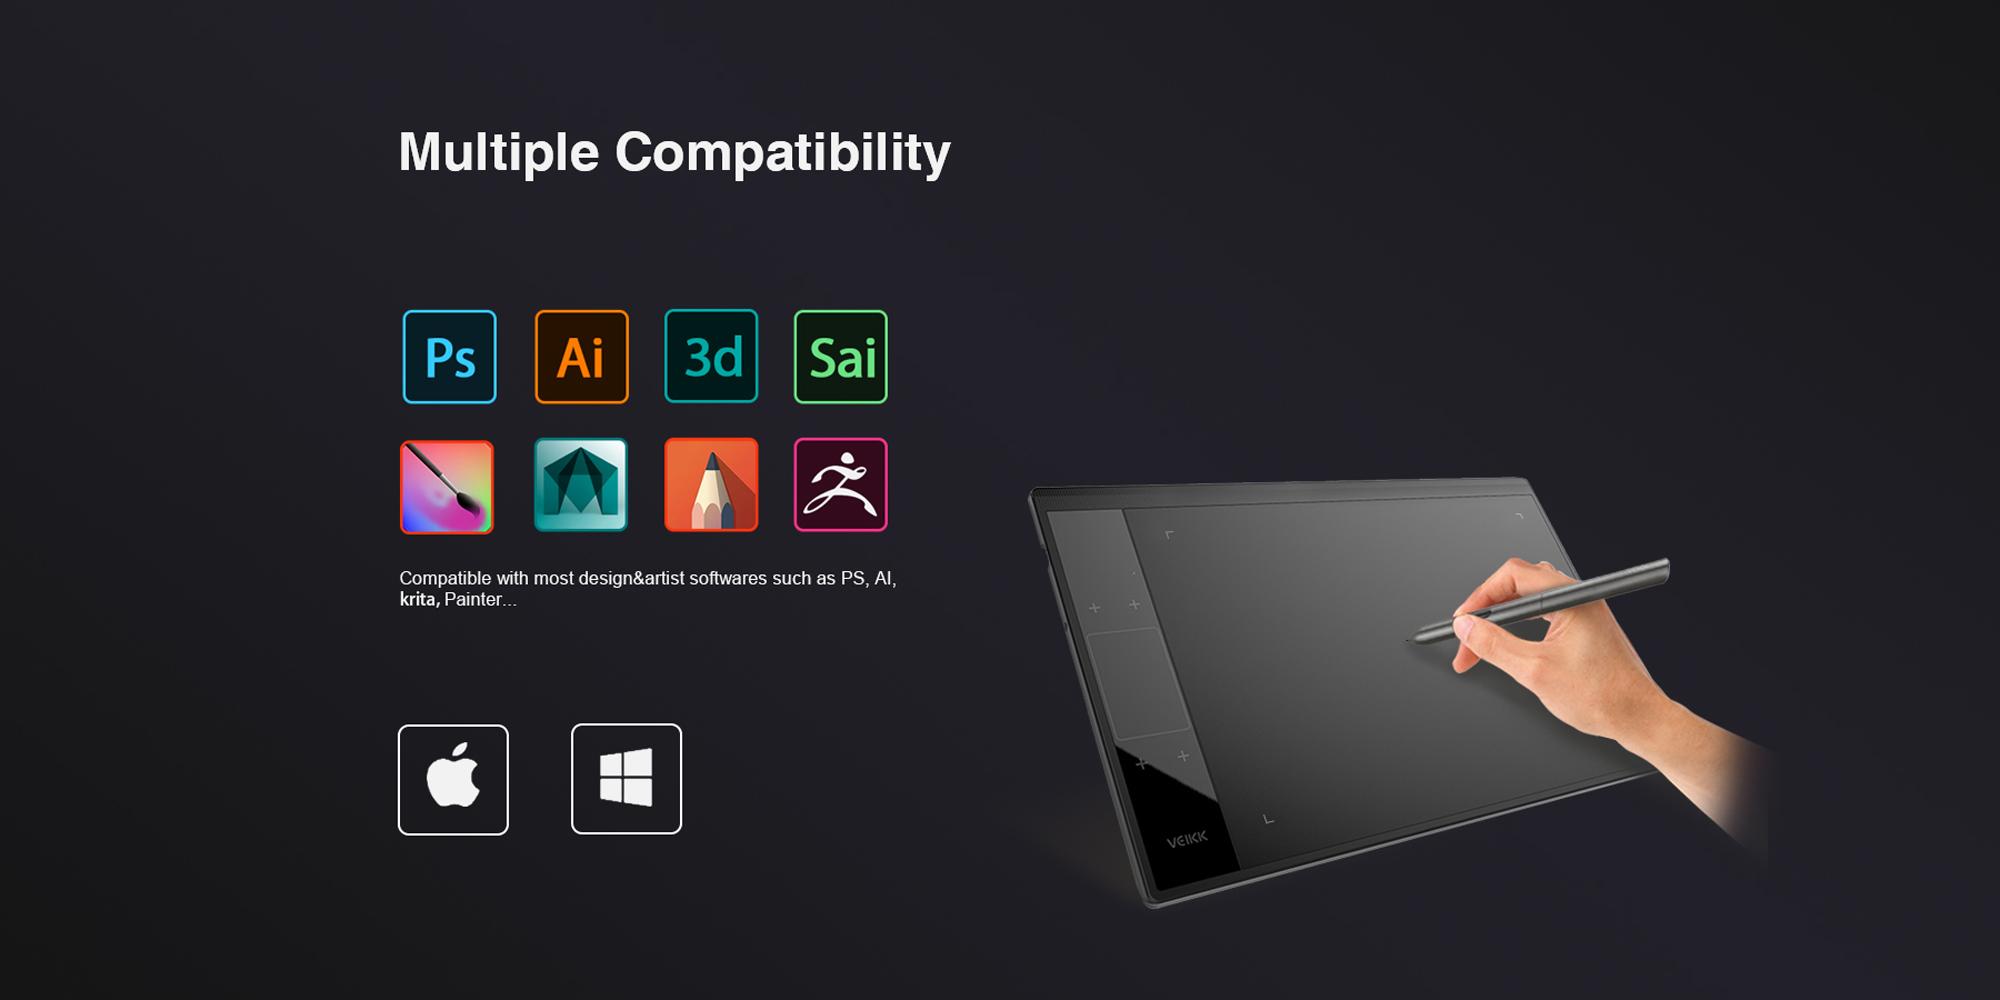 Grafika przedstawiająca listę kompatybilnych z tabletem programów graficznych